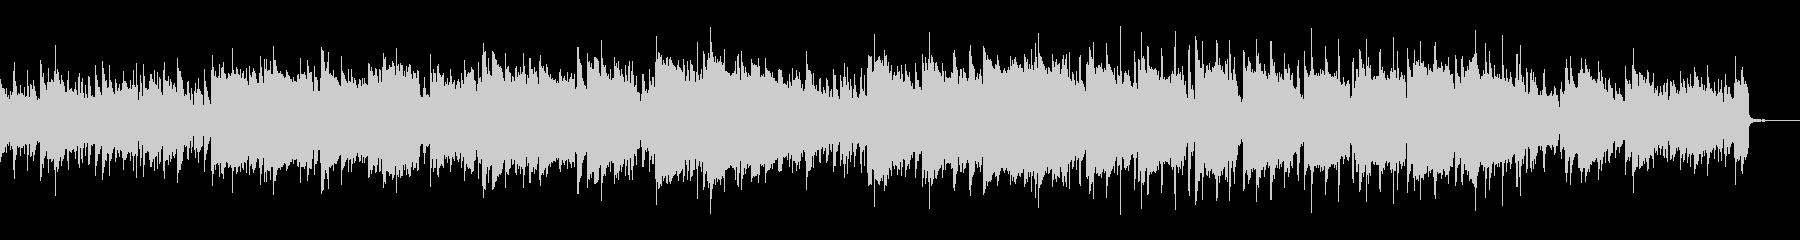 生演奏尺八アコギによる凛とした曲の未再生の波形